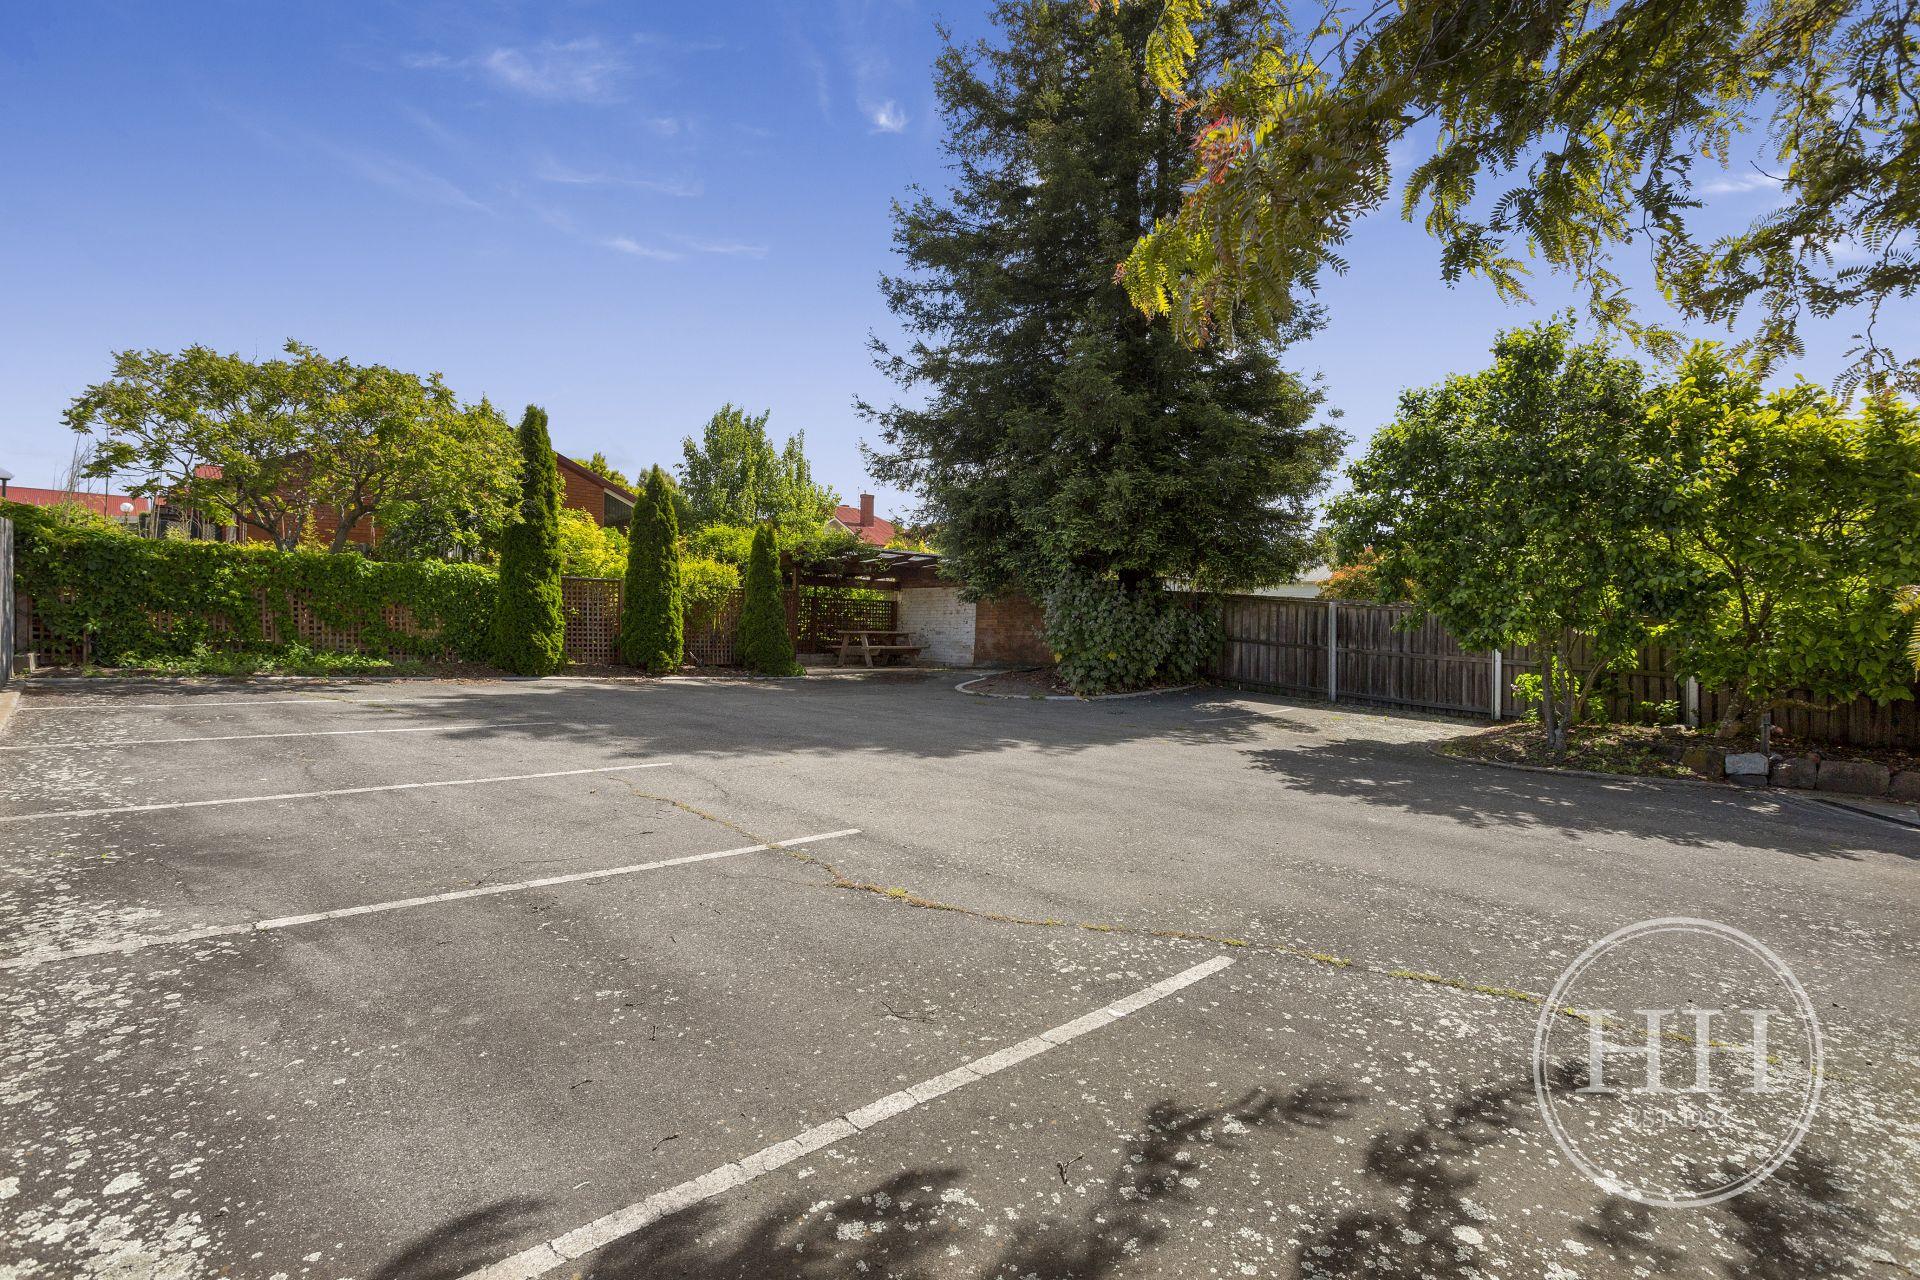 Scarcity – No Longer - Offices, Car Parking, South Launceston